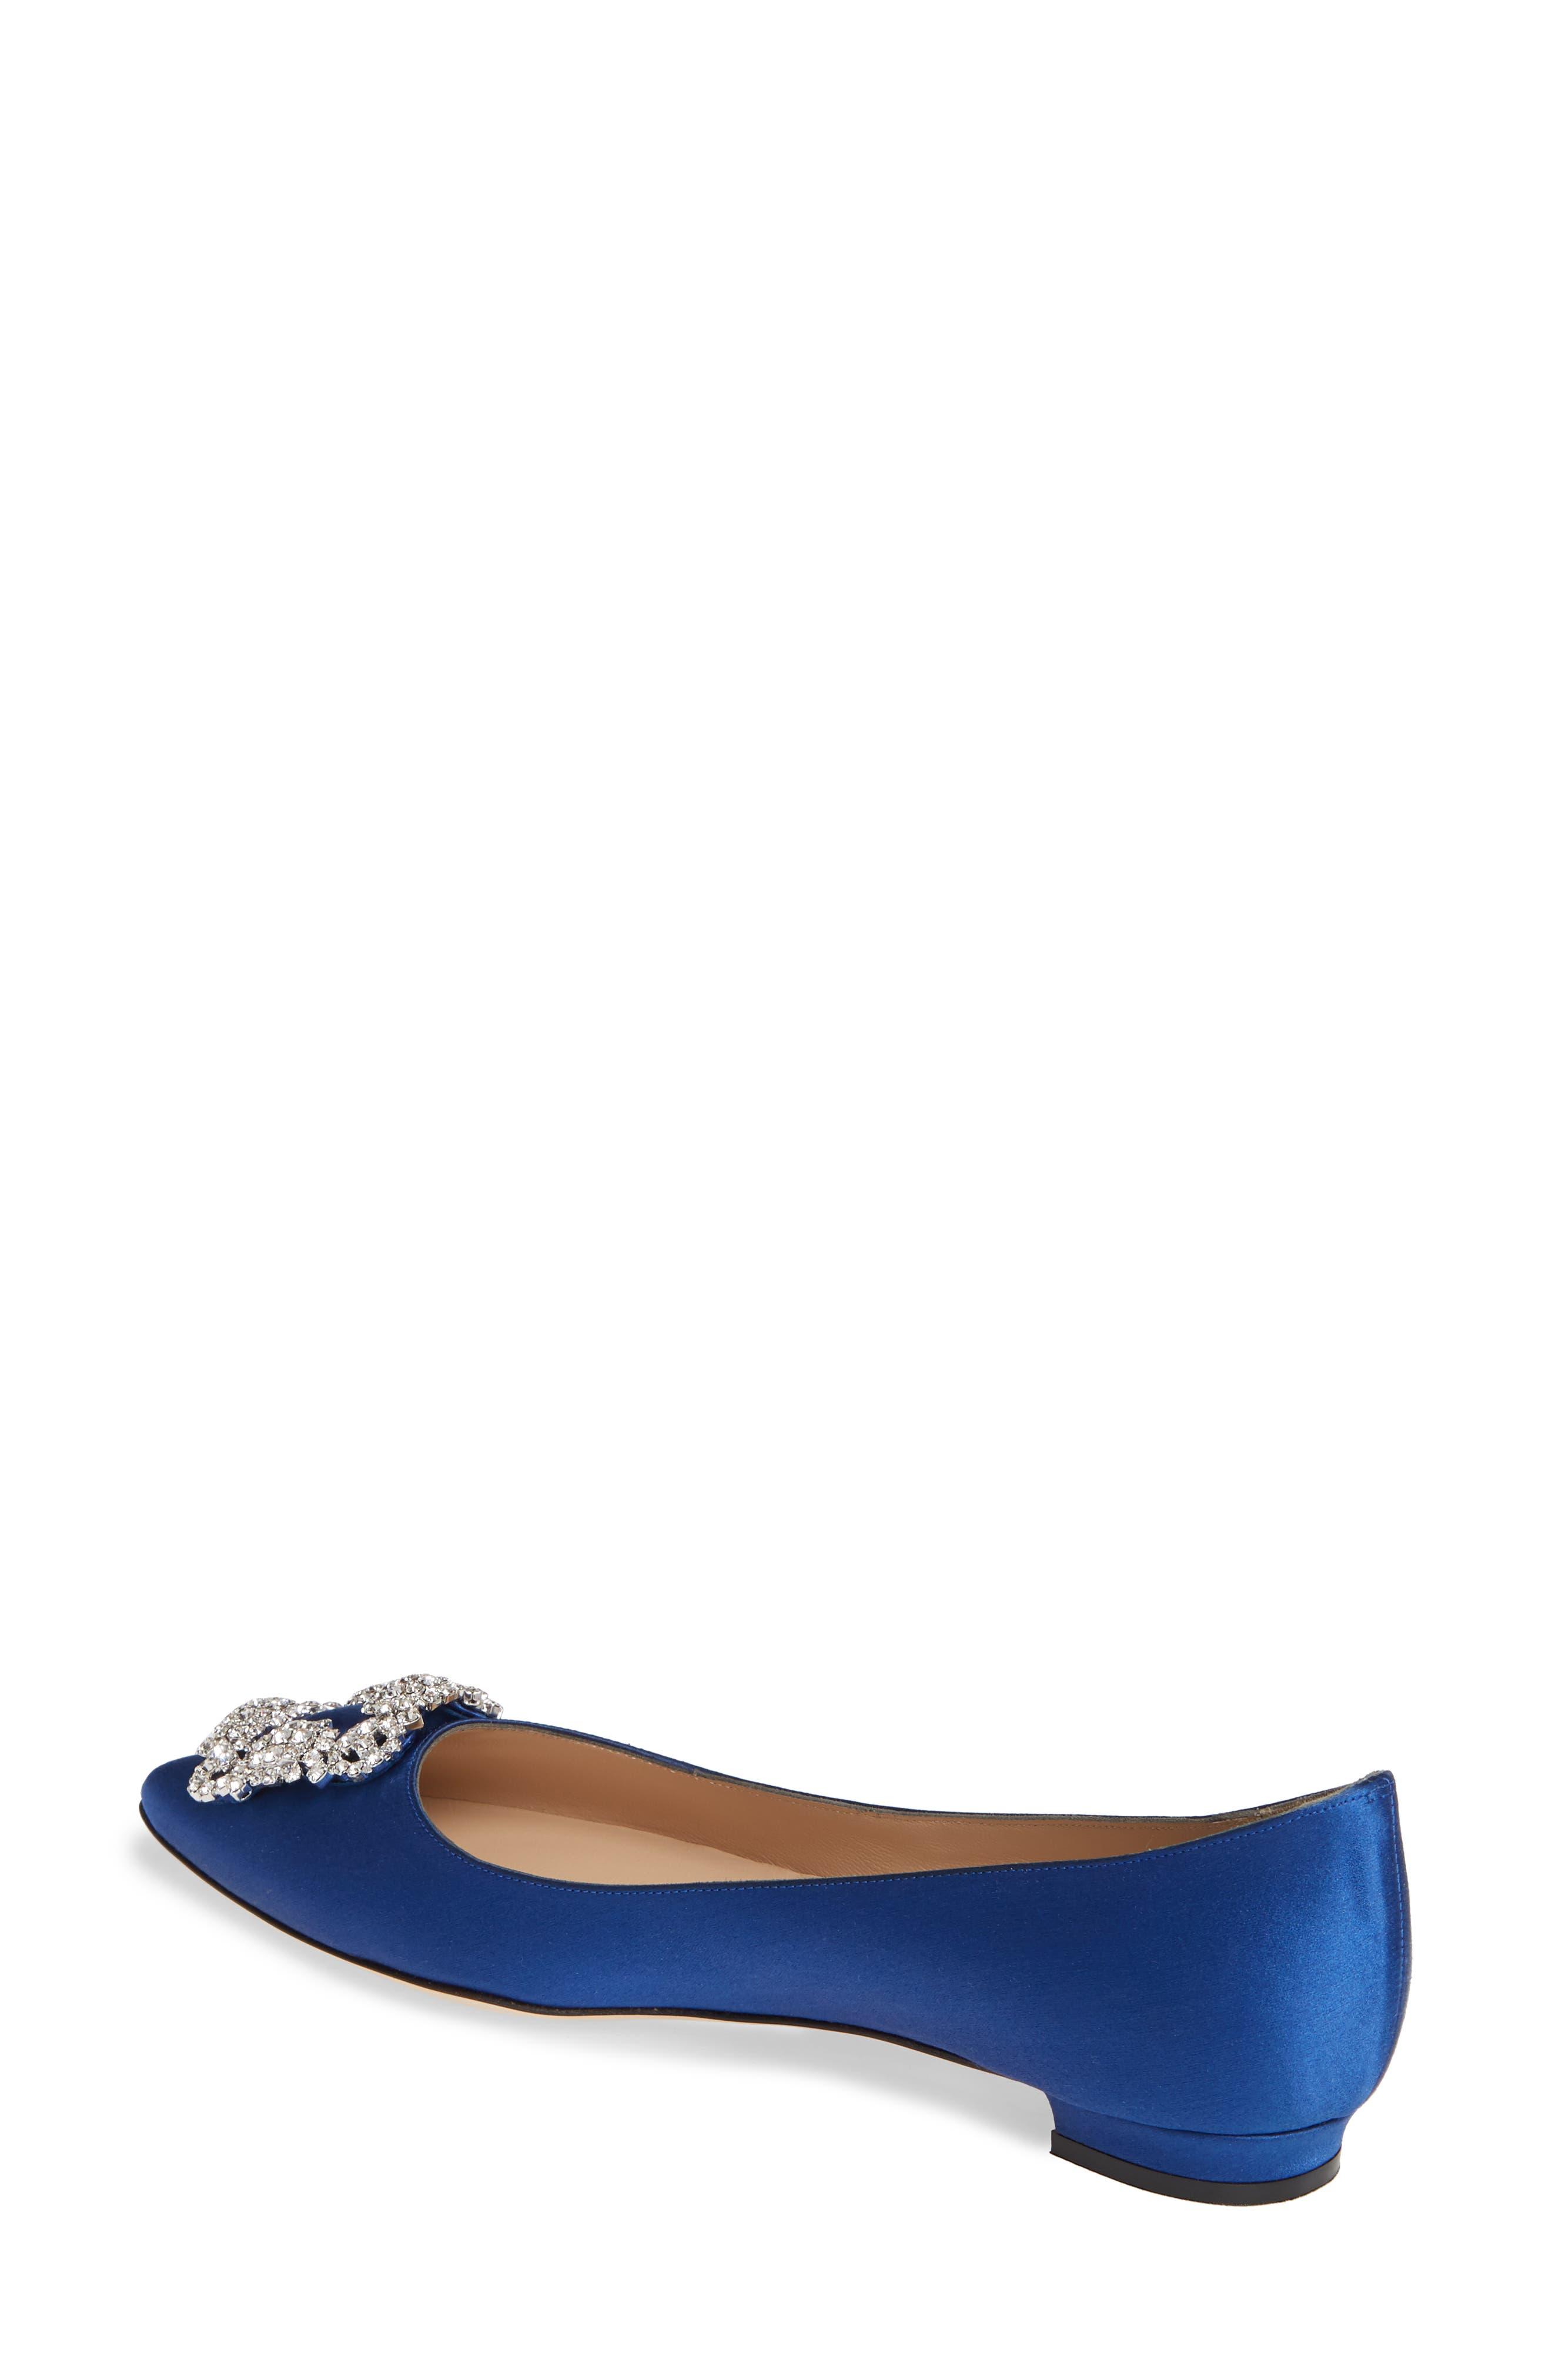 fdabcaac56441 Women's Pointy-Toe Flats | Nordstrom